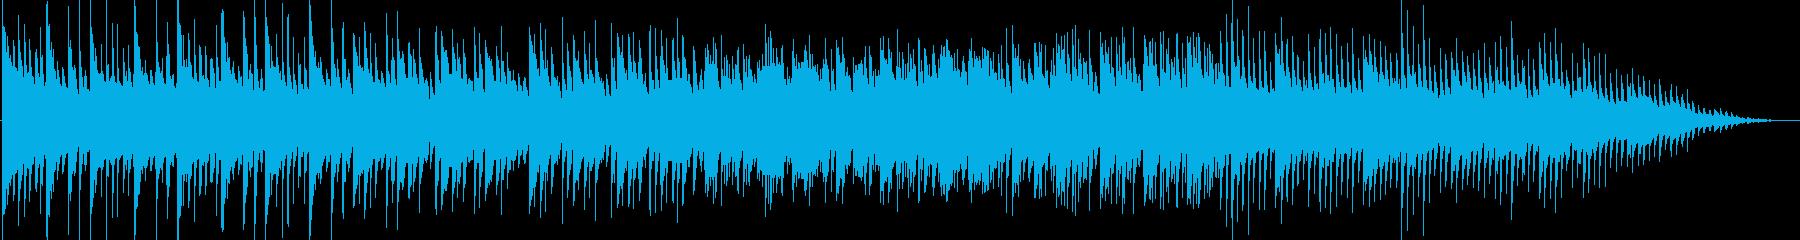 ピアノインスト:おめでたい、正月、和の再生済みの波形